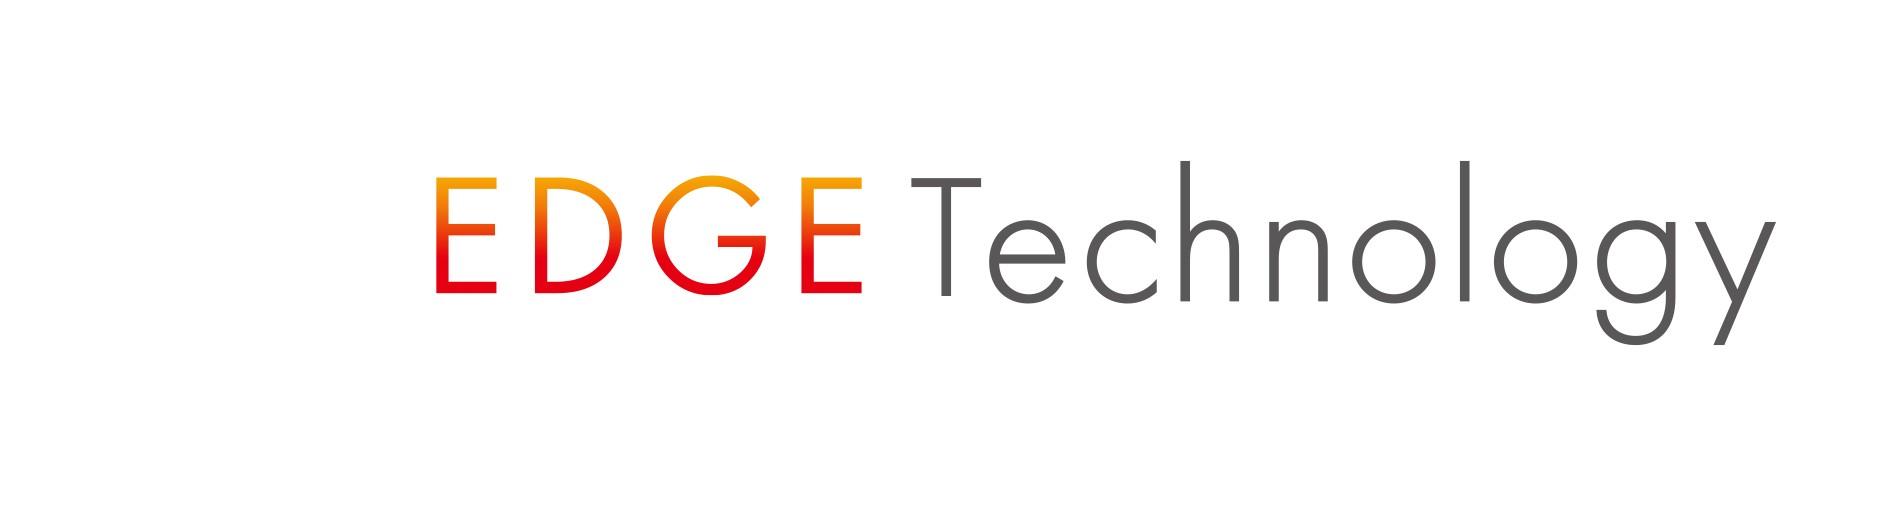 株式 会社 テクノロジー エッジ